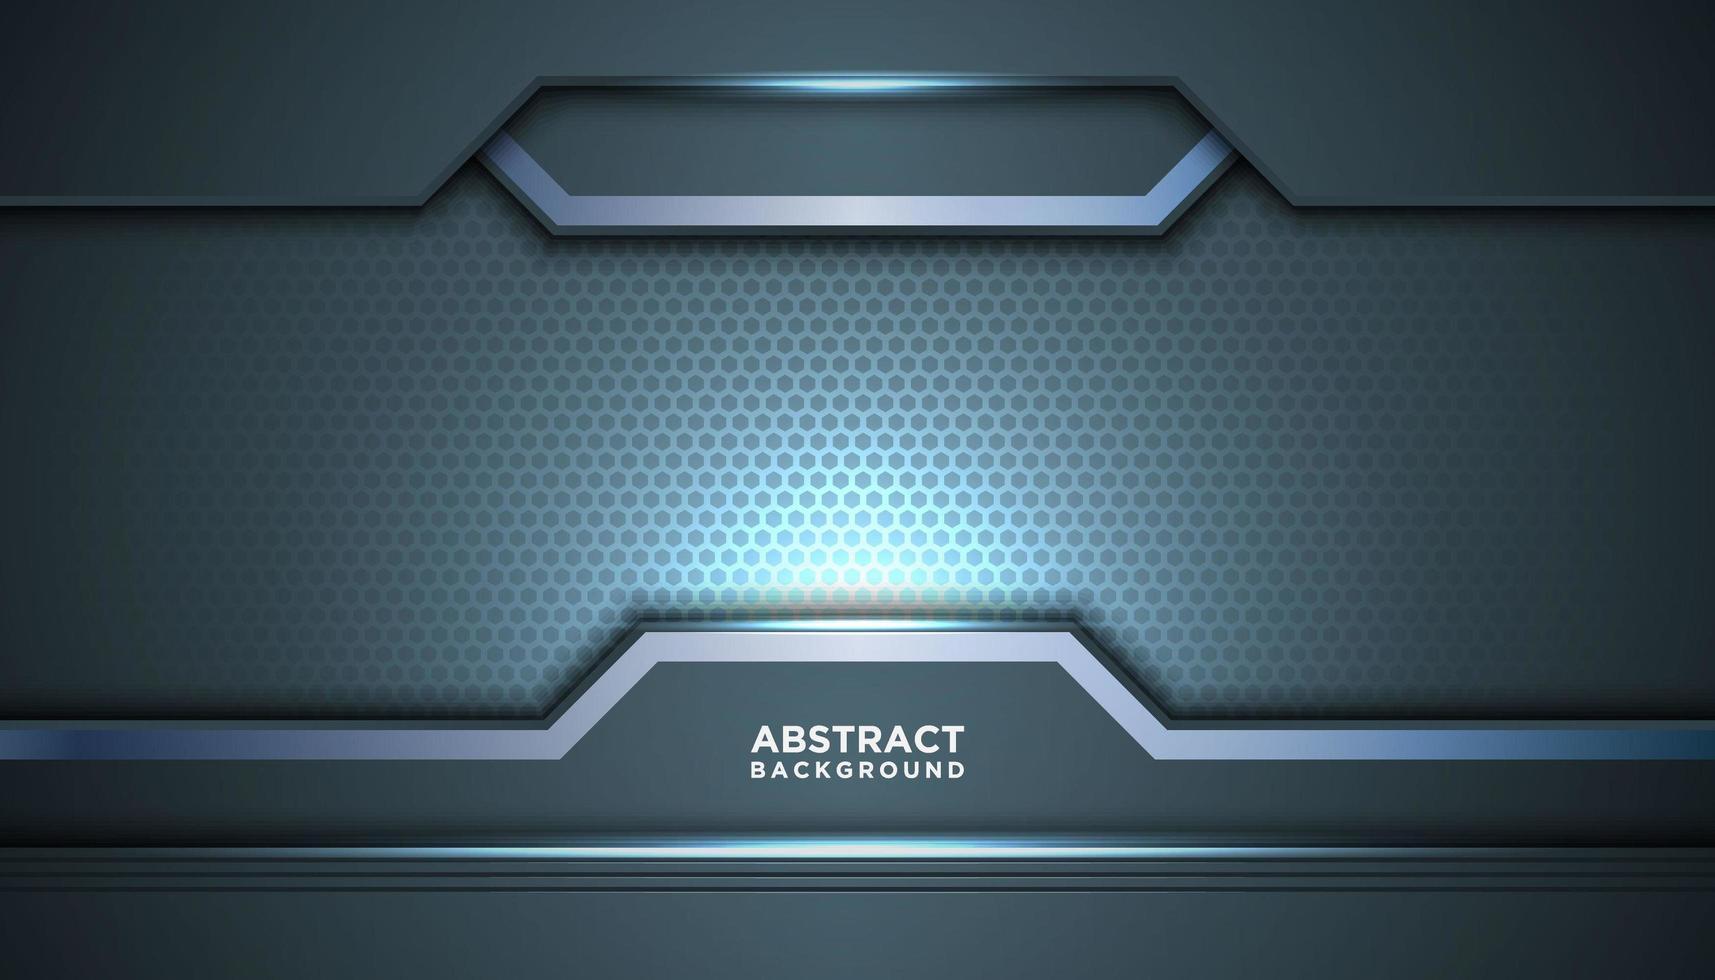 abstrakter grau-blauer Sechseck-Netzhintergrund vektor